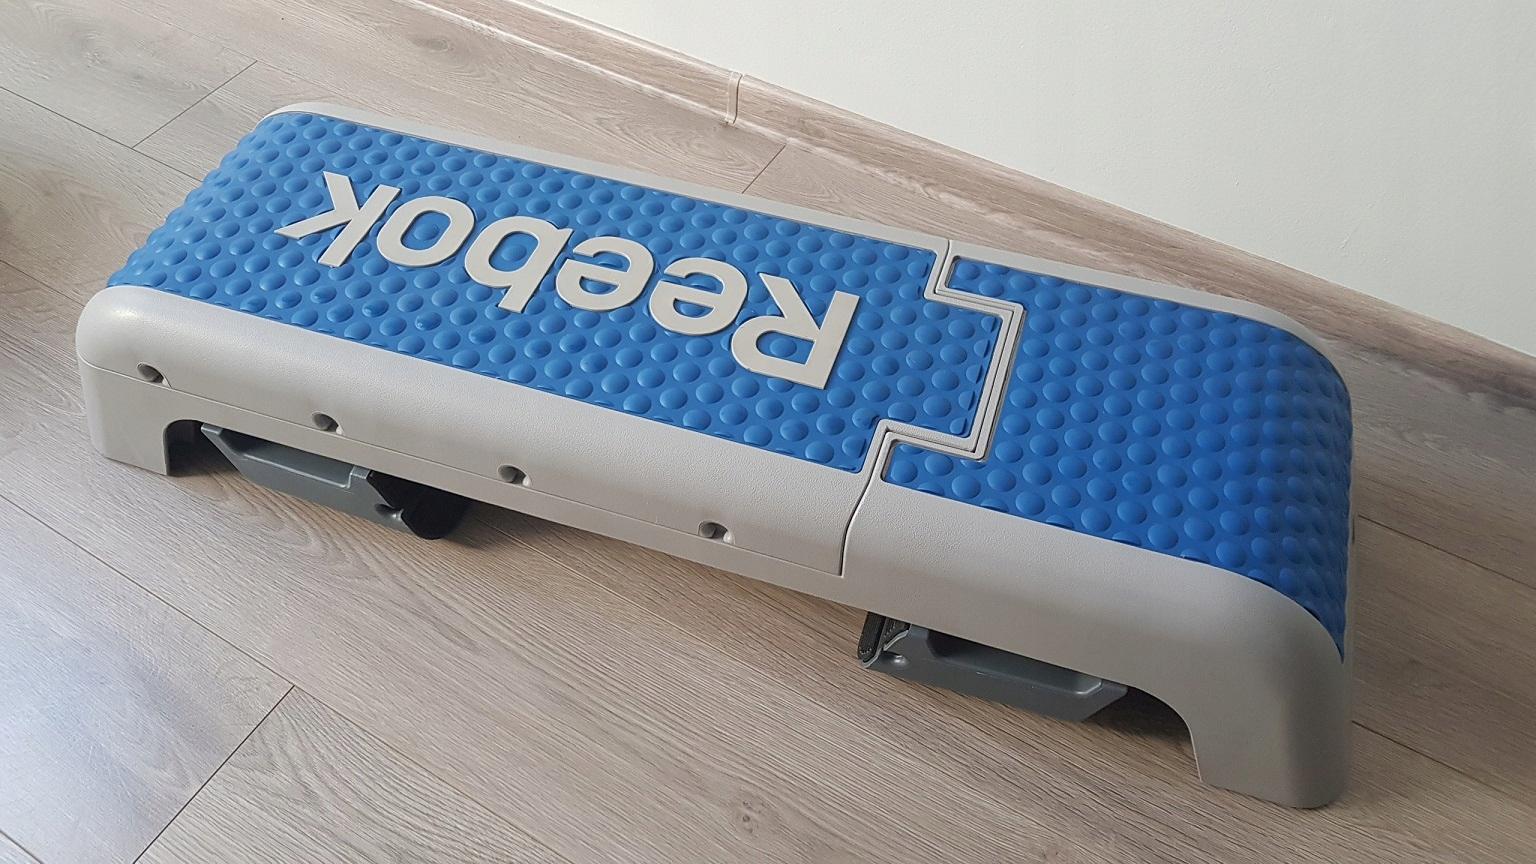 Reebok Deck step ławeczka do ćwiczeń nowa